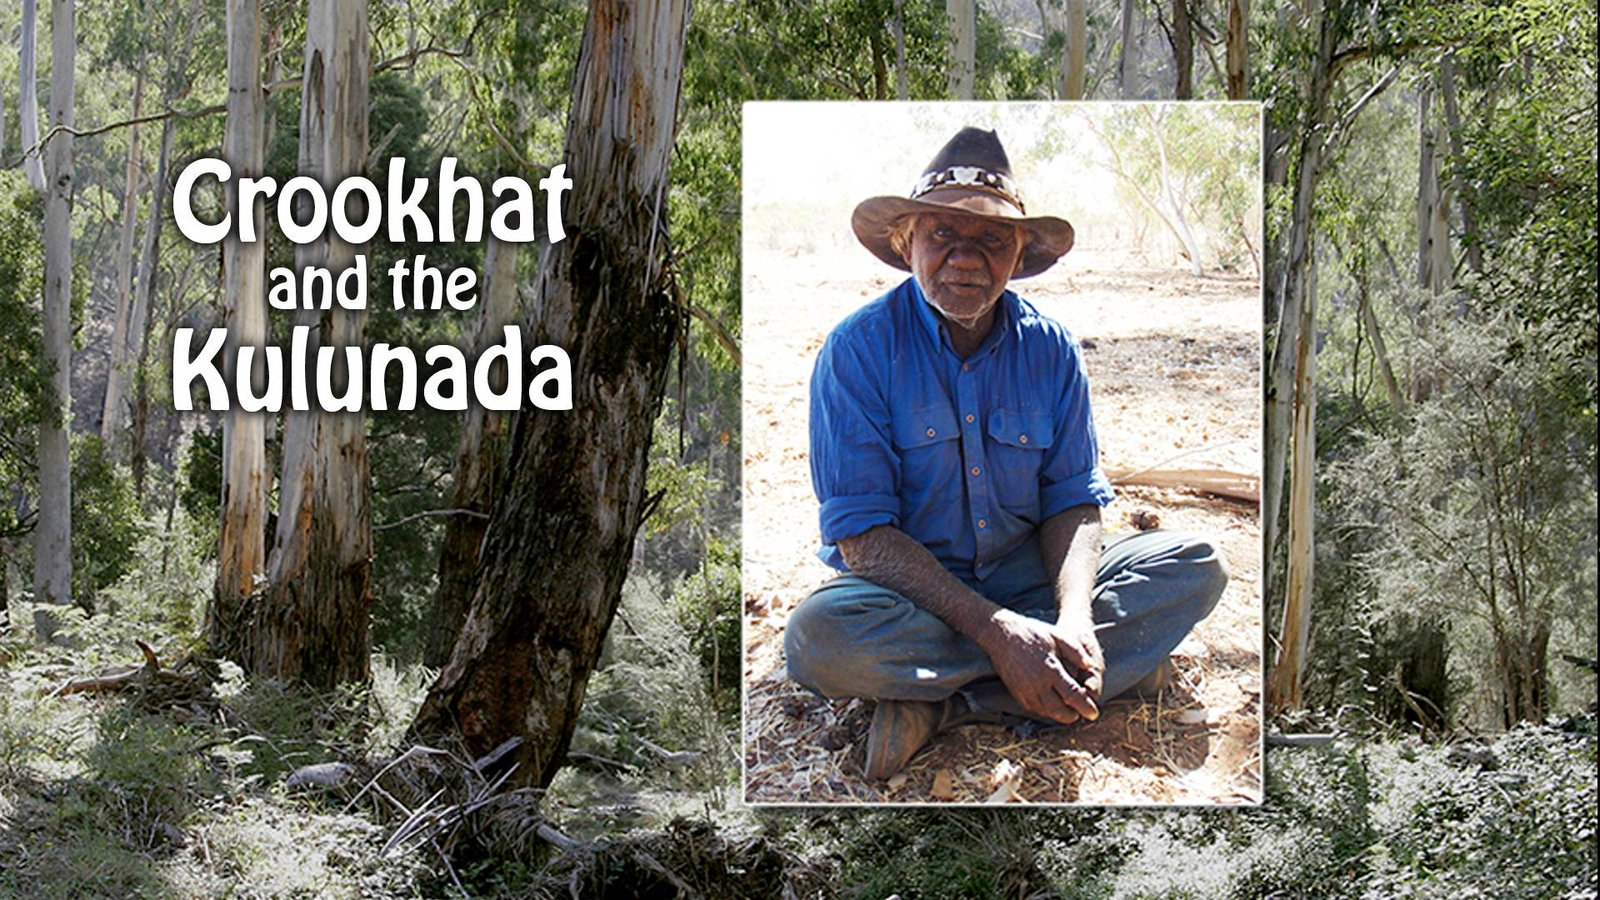 Crookhat and the Kulunada